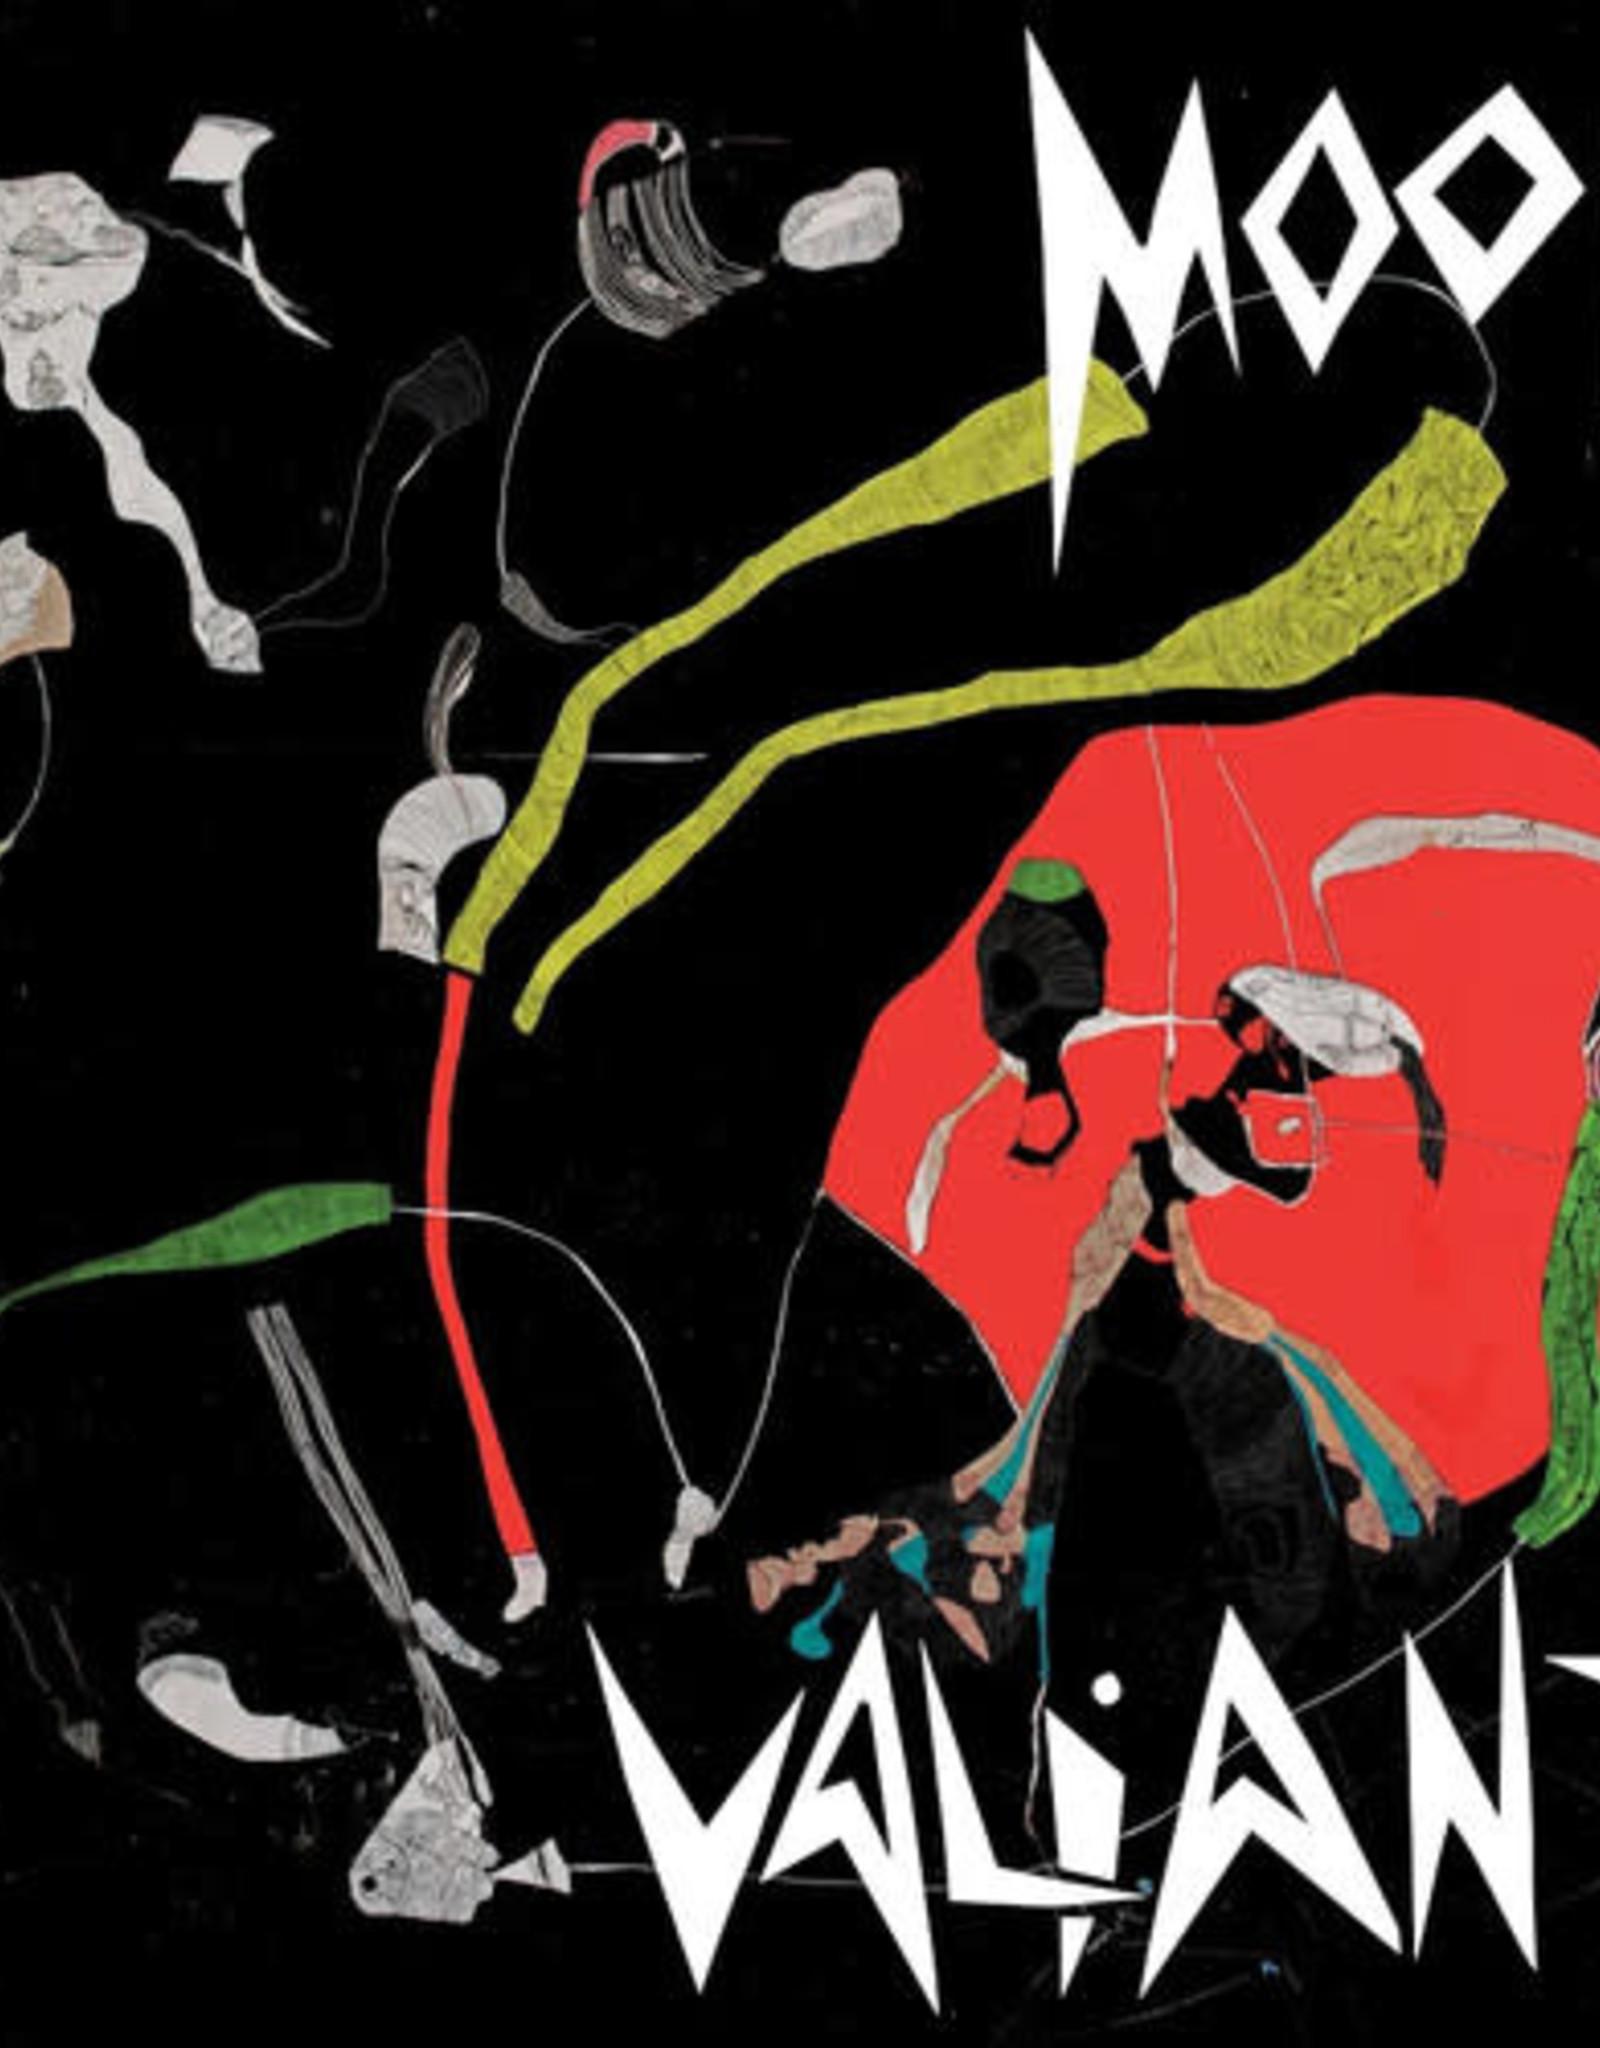 Hiatus Kaiyote - Mood Valiant